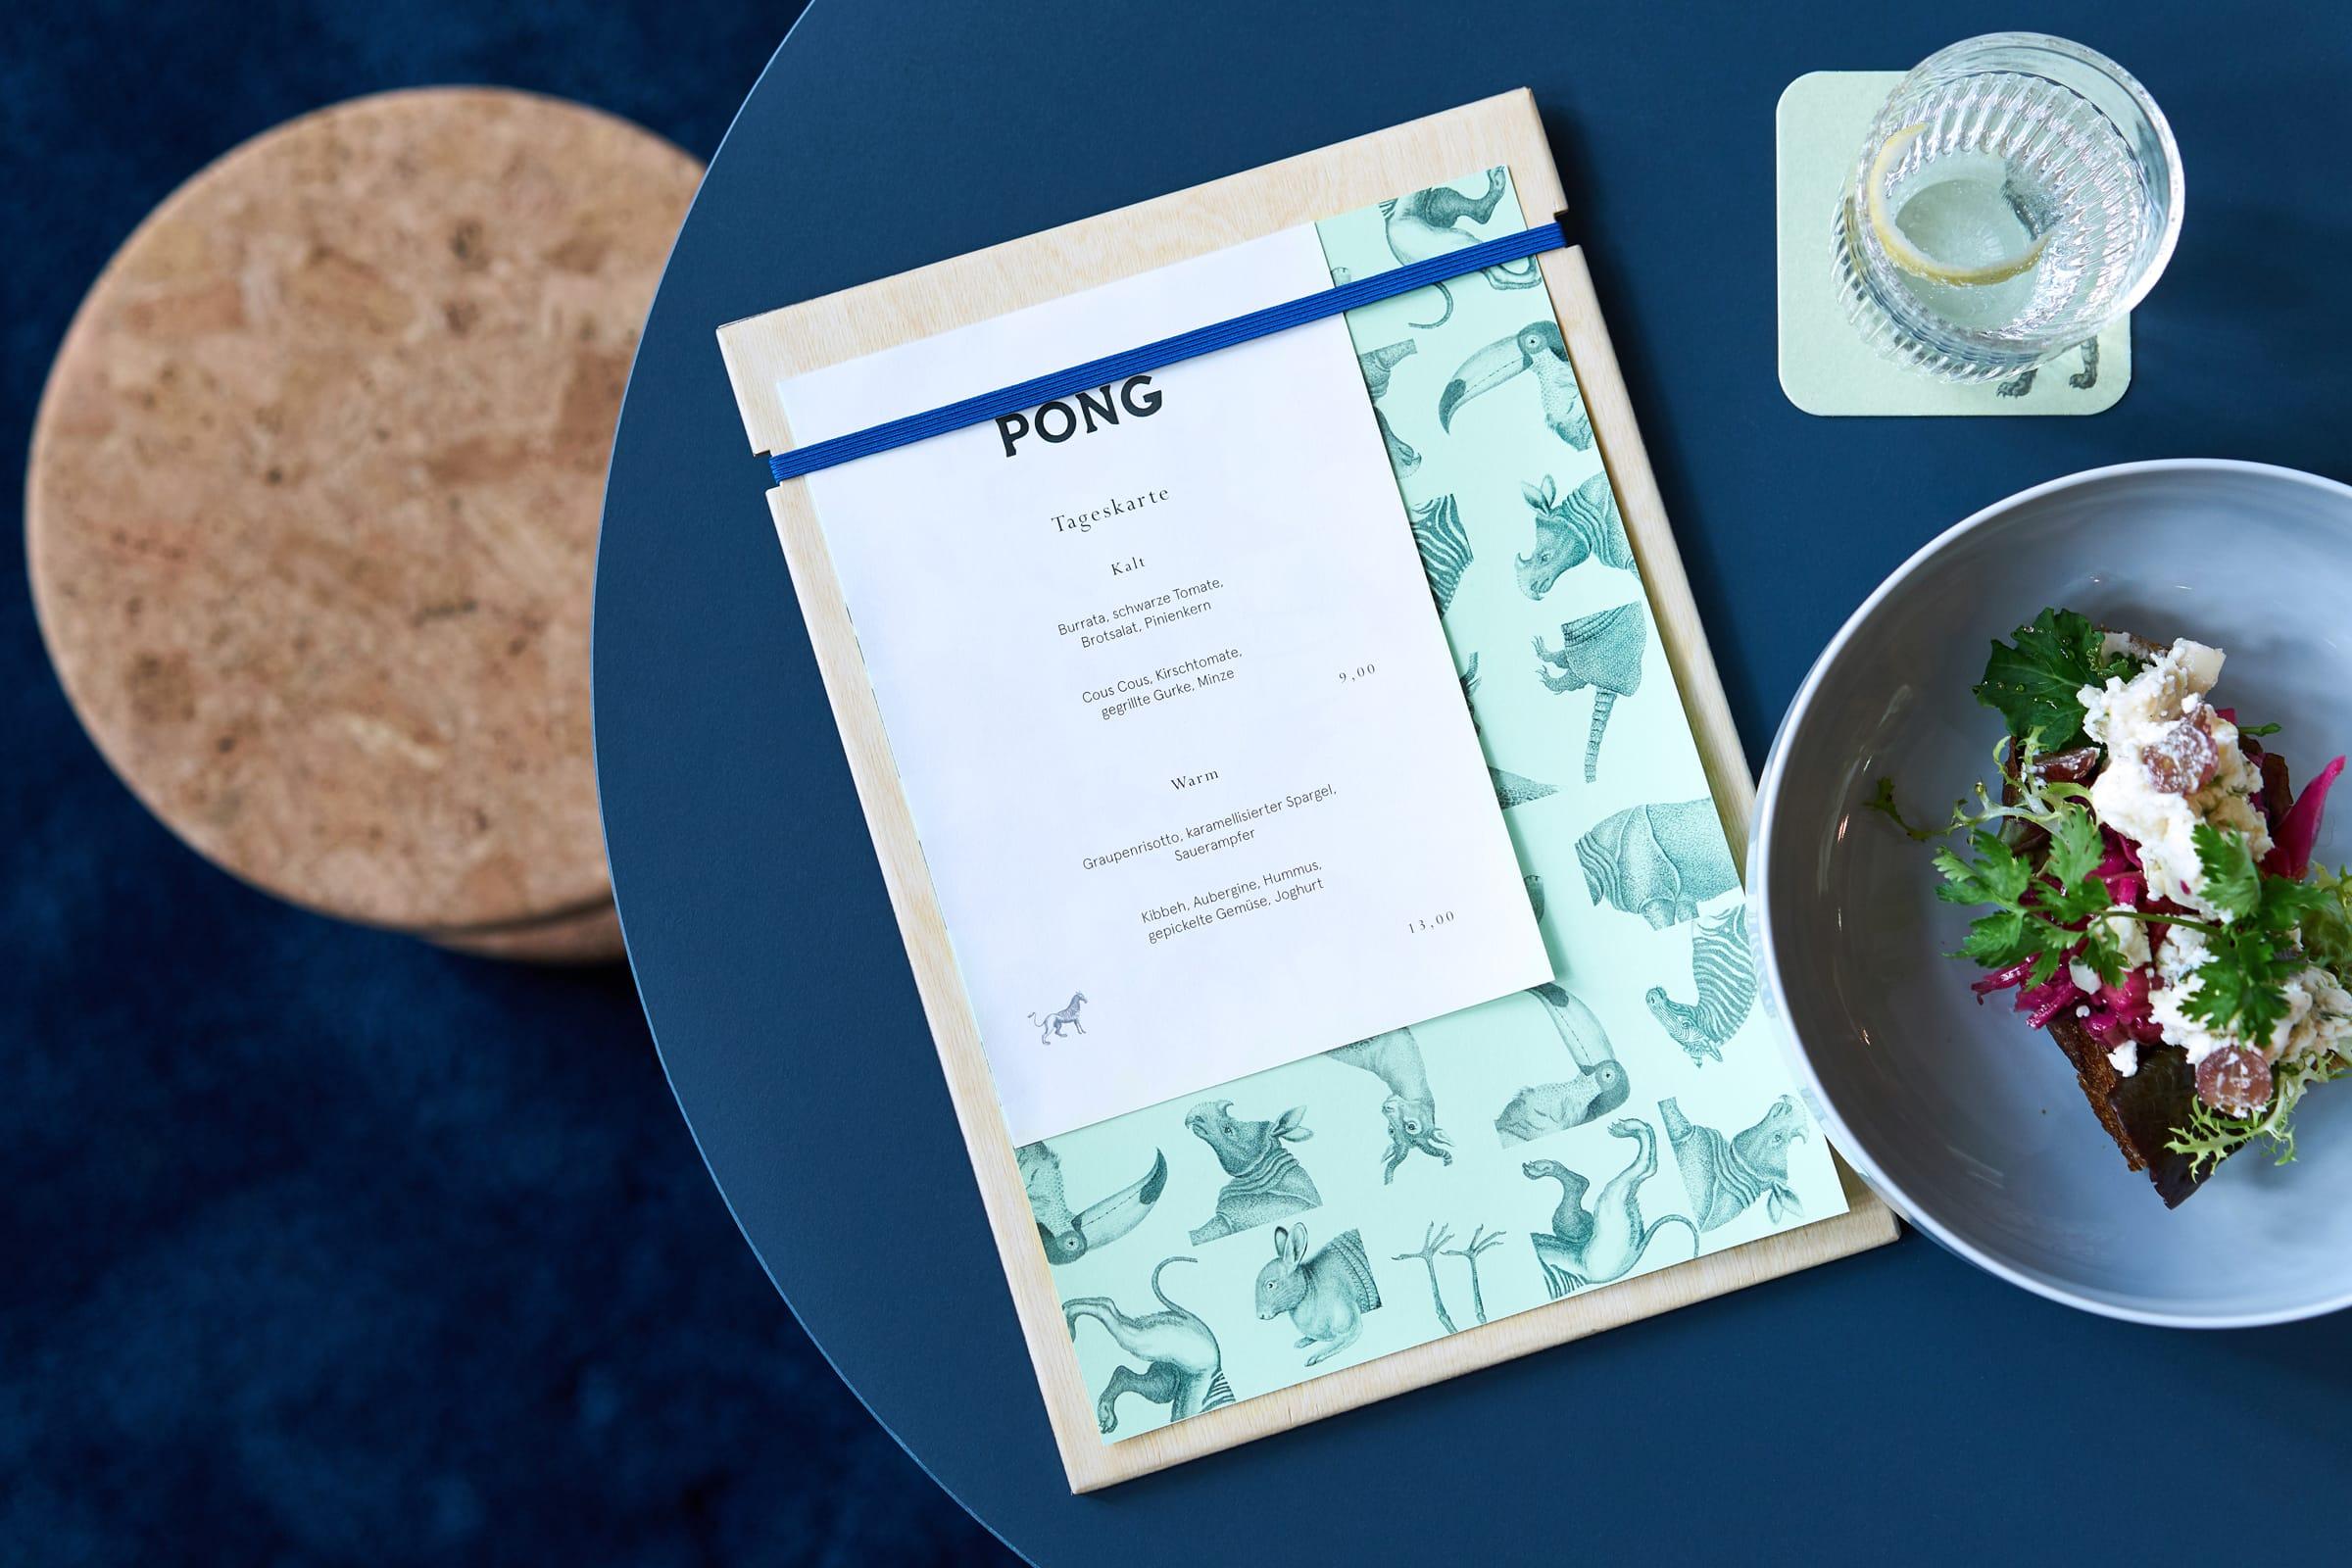 NRW Forum, Restaurant, Café, Logo Design, Identity Design, Speisekarte, PONG